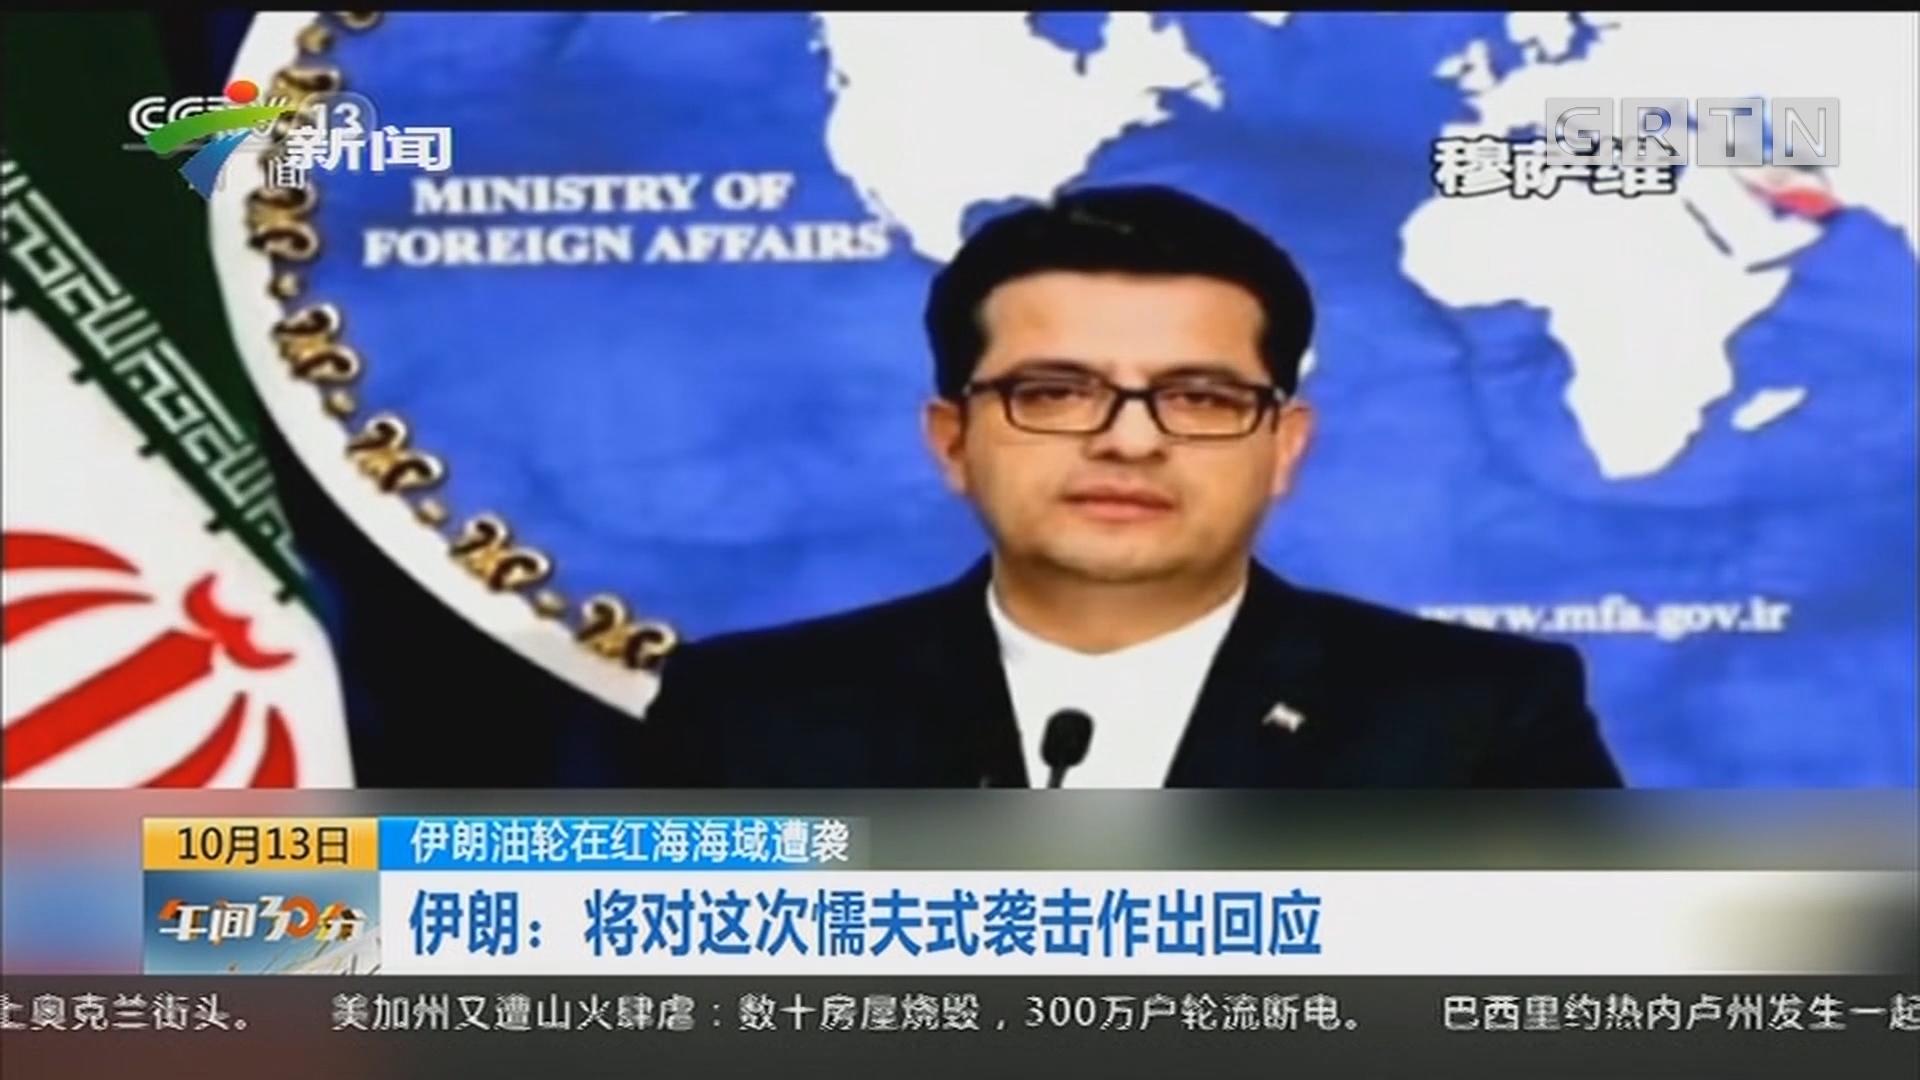 伊朗油轮在红海海域遭袭 伊朗:将对这次懦夫式袭击作出回应